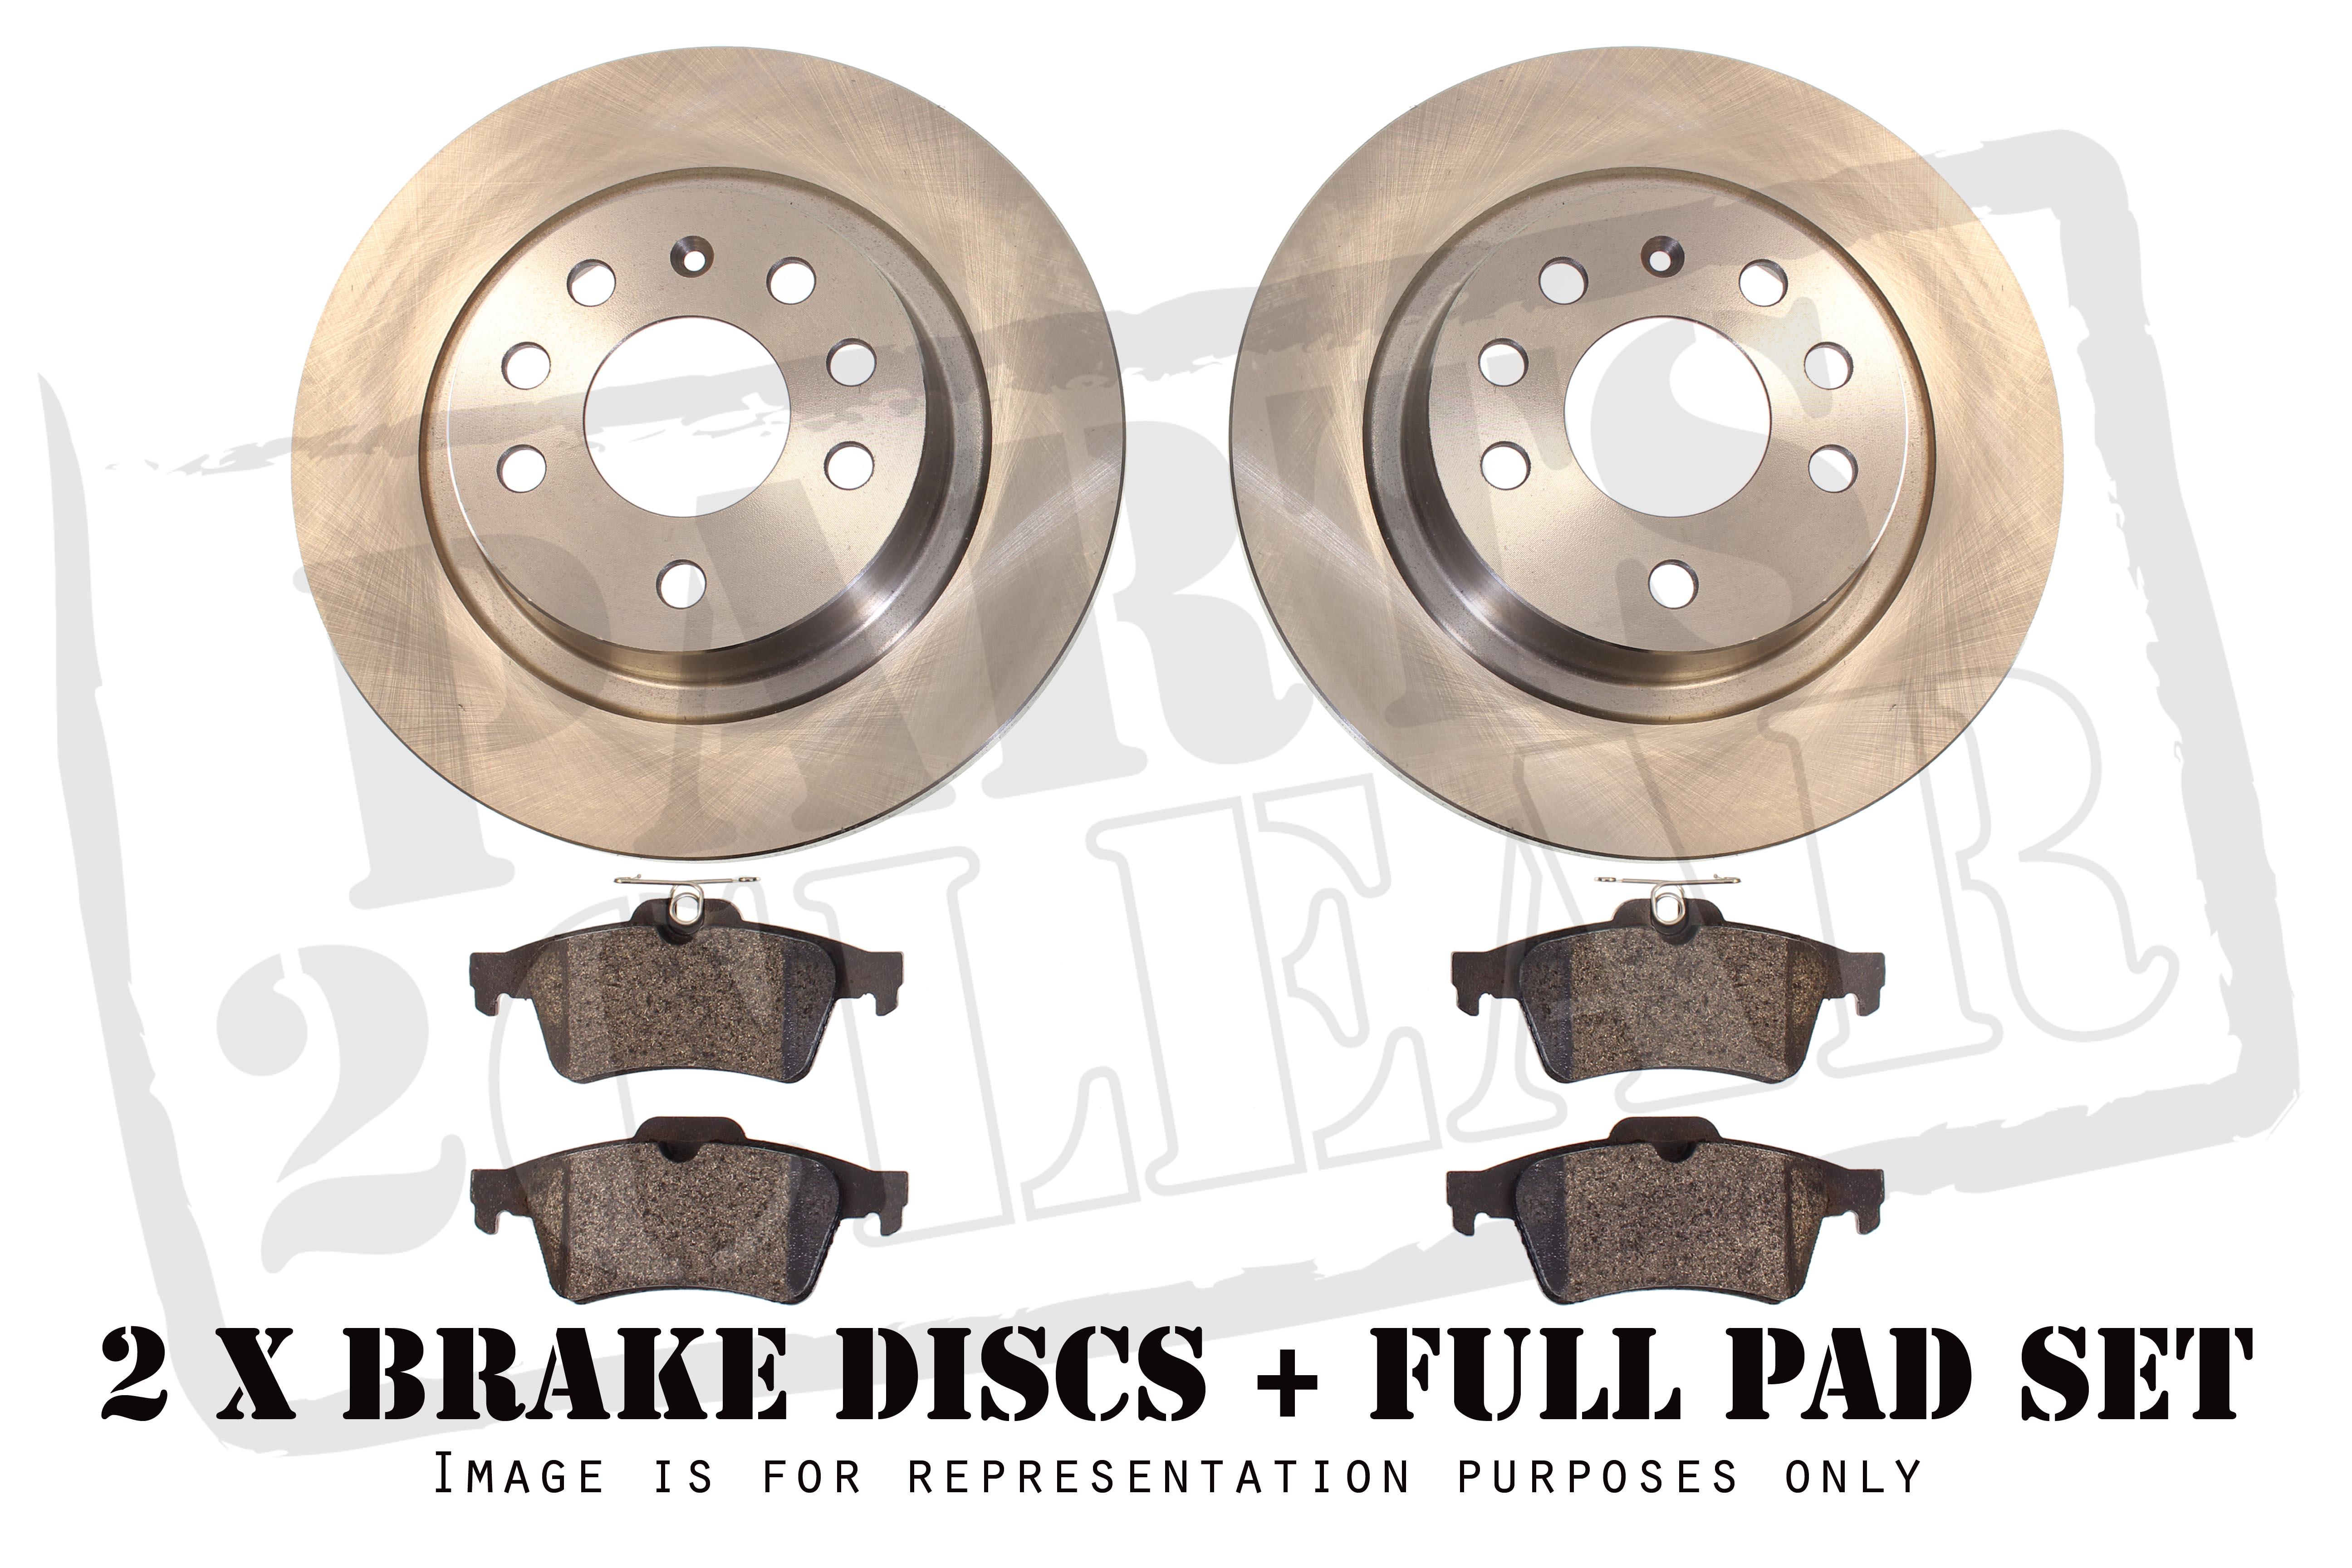 ford fiesta mk4 front brake discs pads set 1 3 240mm new 95 00 ebay. Black Bedroom Furniture Sets. Home Design Ideas